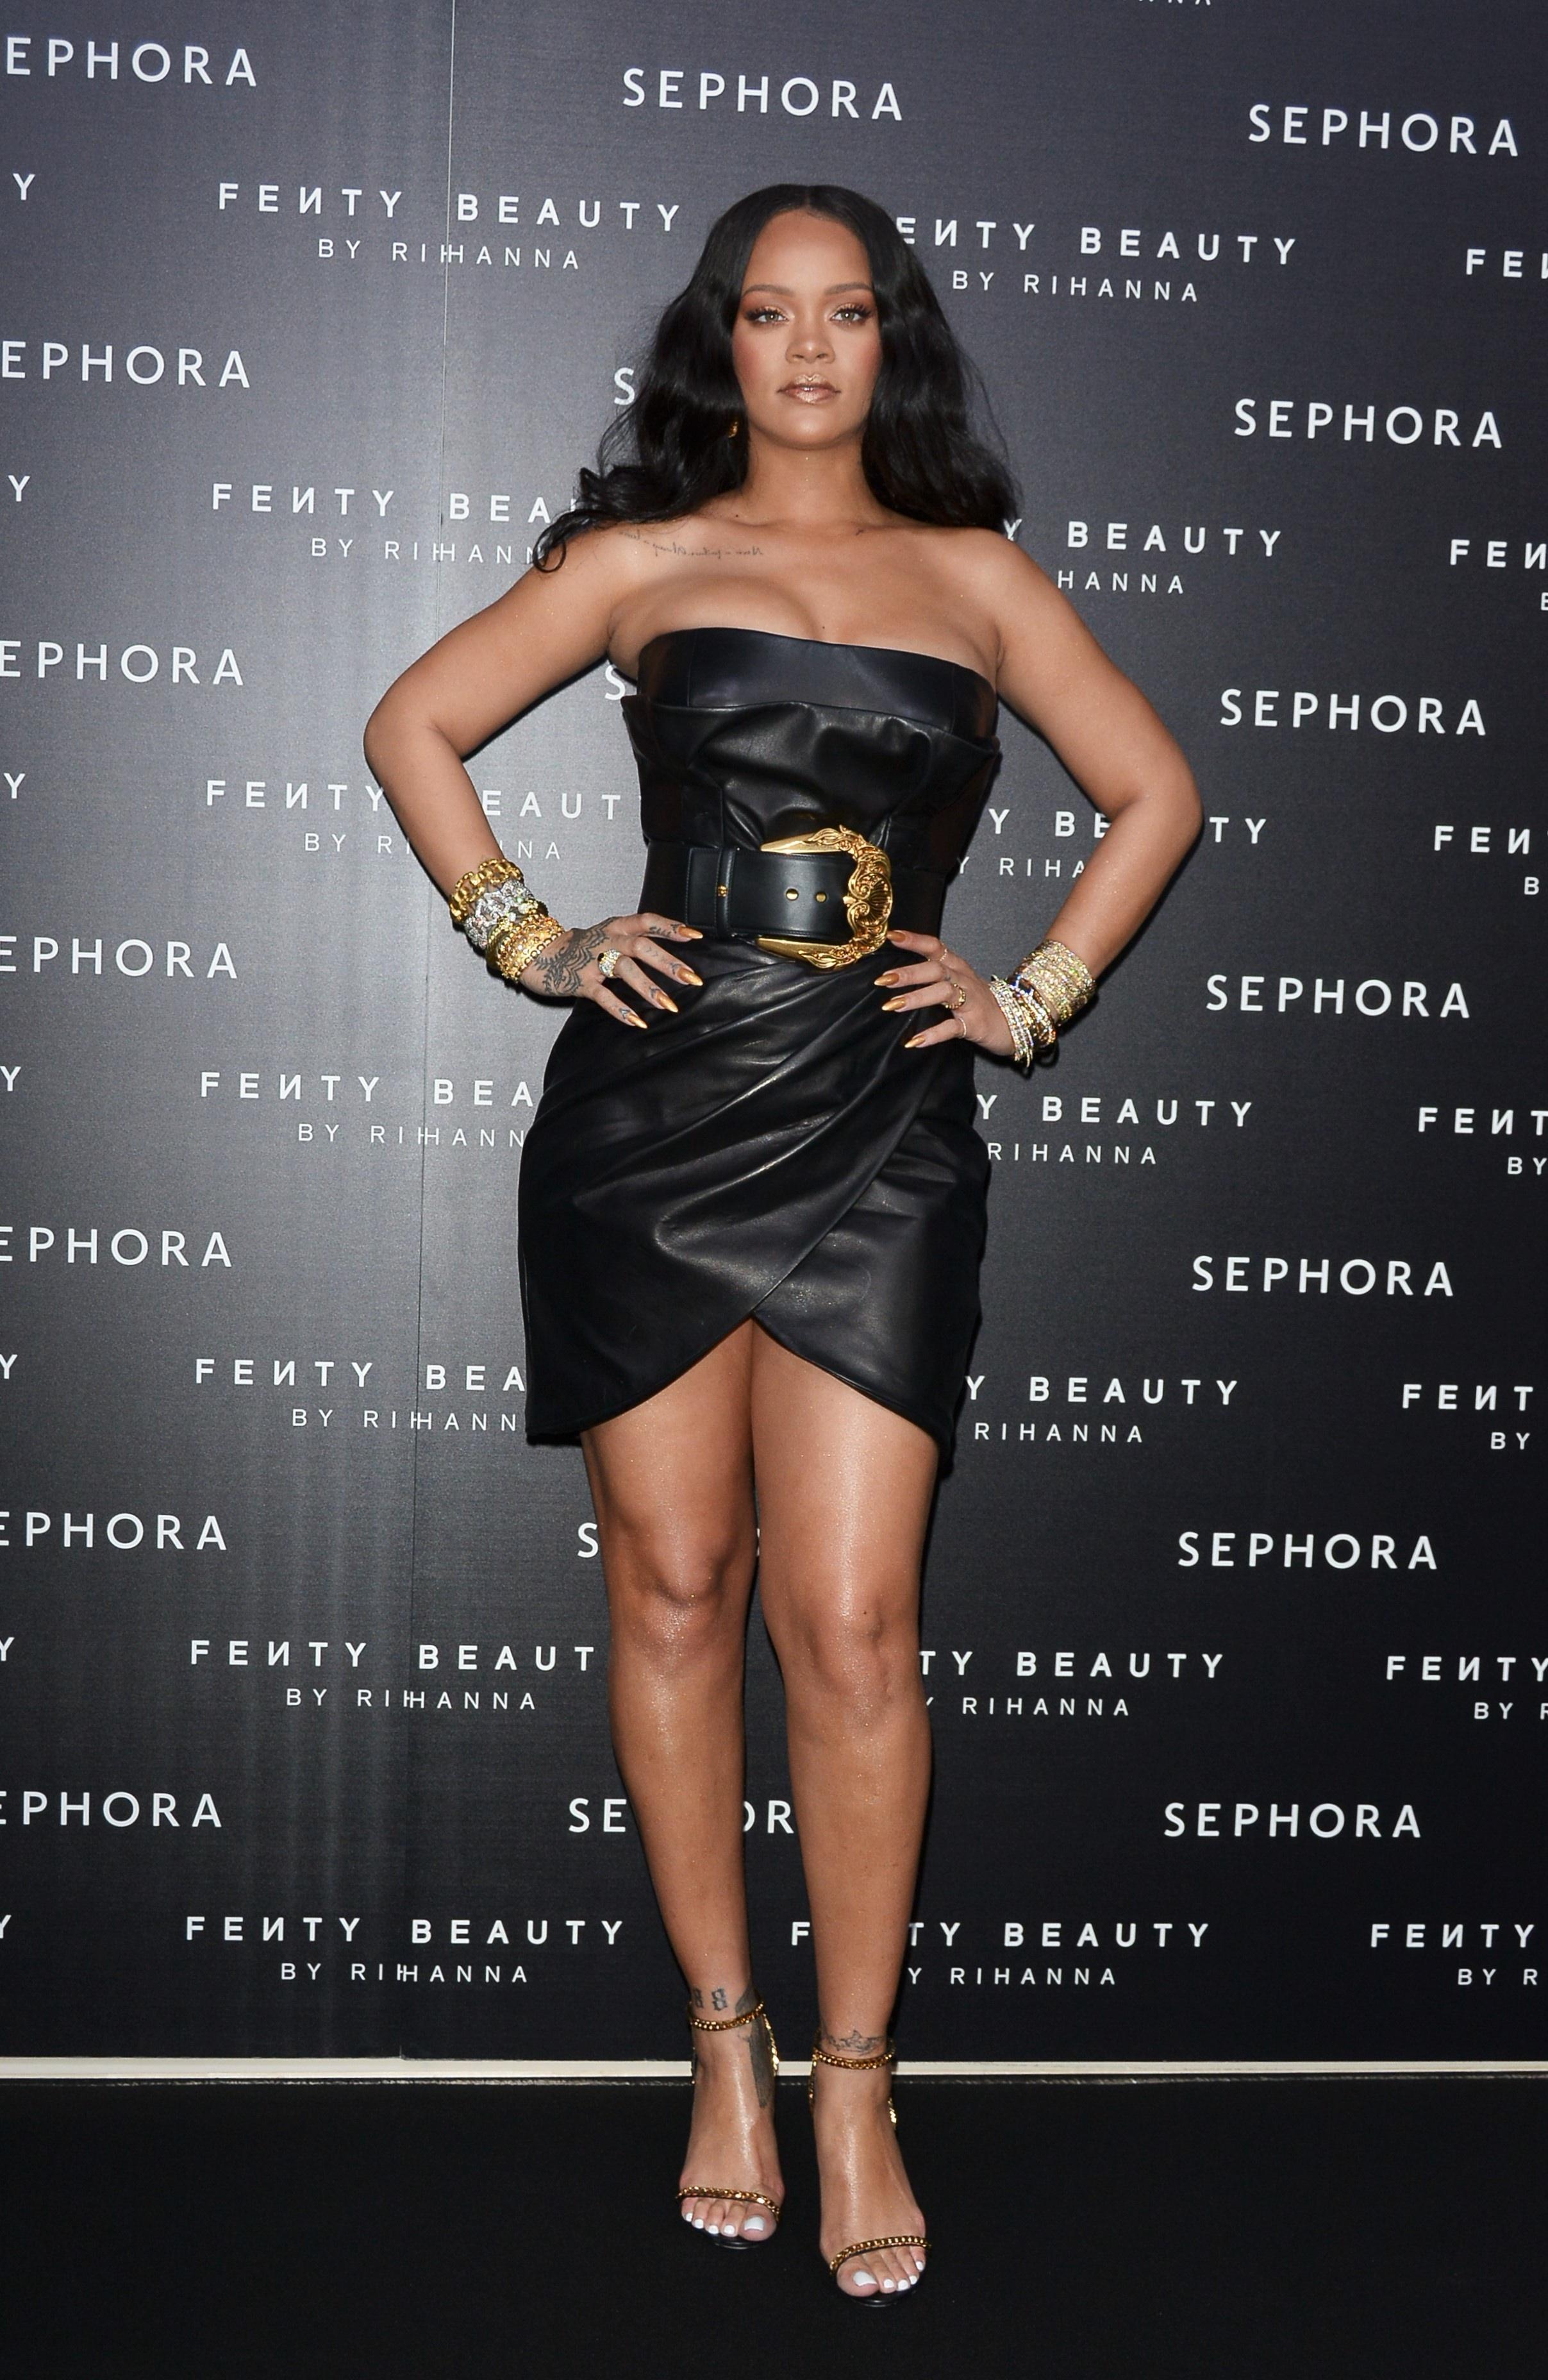 Milano East end Studios, Rihanna, icona internazionale della musica, della moda e della bellezza celebra il lancio del suo marchio cosmetico Fenty Beauty by Rihanna di SEPHORA, con la partecipazione di fan. Rihanna durante l'evento indossa abito VERSACE.  Milan East end Studios, Rihanna international icon of music, fashion and beauty, celebrates the launch of its SEPHORA cosmetic brand Fenty Beauty by Rihanna, with the participation of fans.  Rihanna wearing the VERSACE dress during the event. <P> Pictured: Rihanna wears VERSACE dress <B>Ref: SPL1677246  060418  </B><BR/> Picture by: Nick Zonna / Splash News<BR/> </P><P> <B>Splash News and Pictures</B><BR/> Los Angeles:310-821-2666<BR/> New York:212-619-2666<BR/> London:870-934-2666<BR/> <span id=